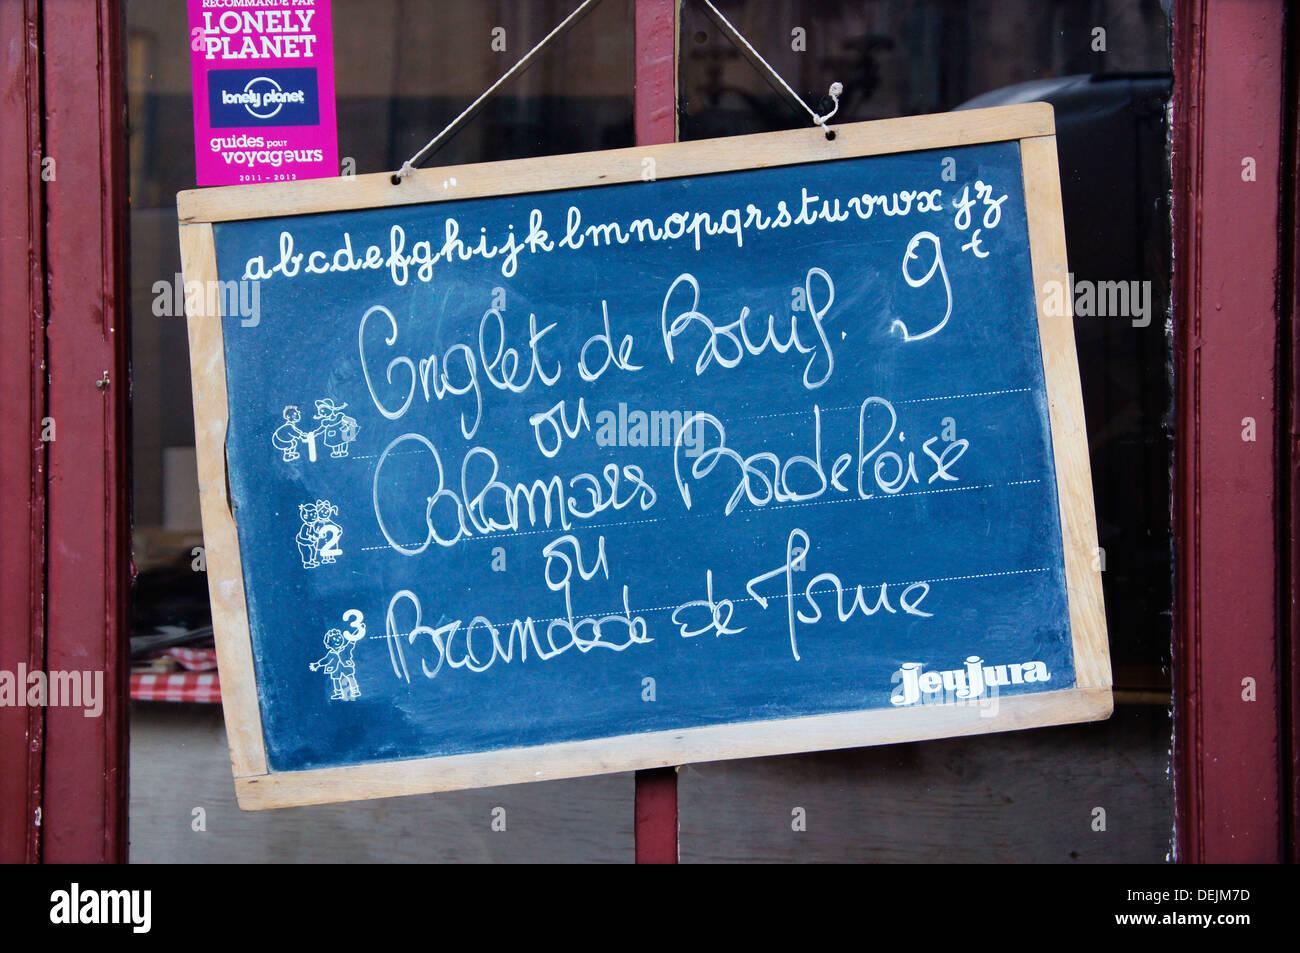 """La France. L'Aquitaine. Gironde. L'alimentation: restaurant sign avec 'Onglet', 'Calamars"""" et """"brandade de morue"""", Banque D'Images"""